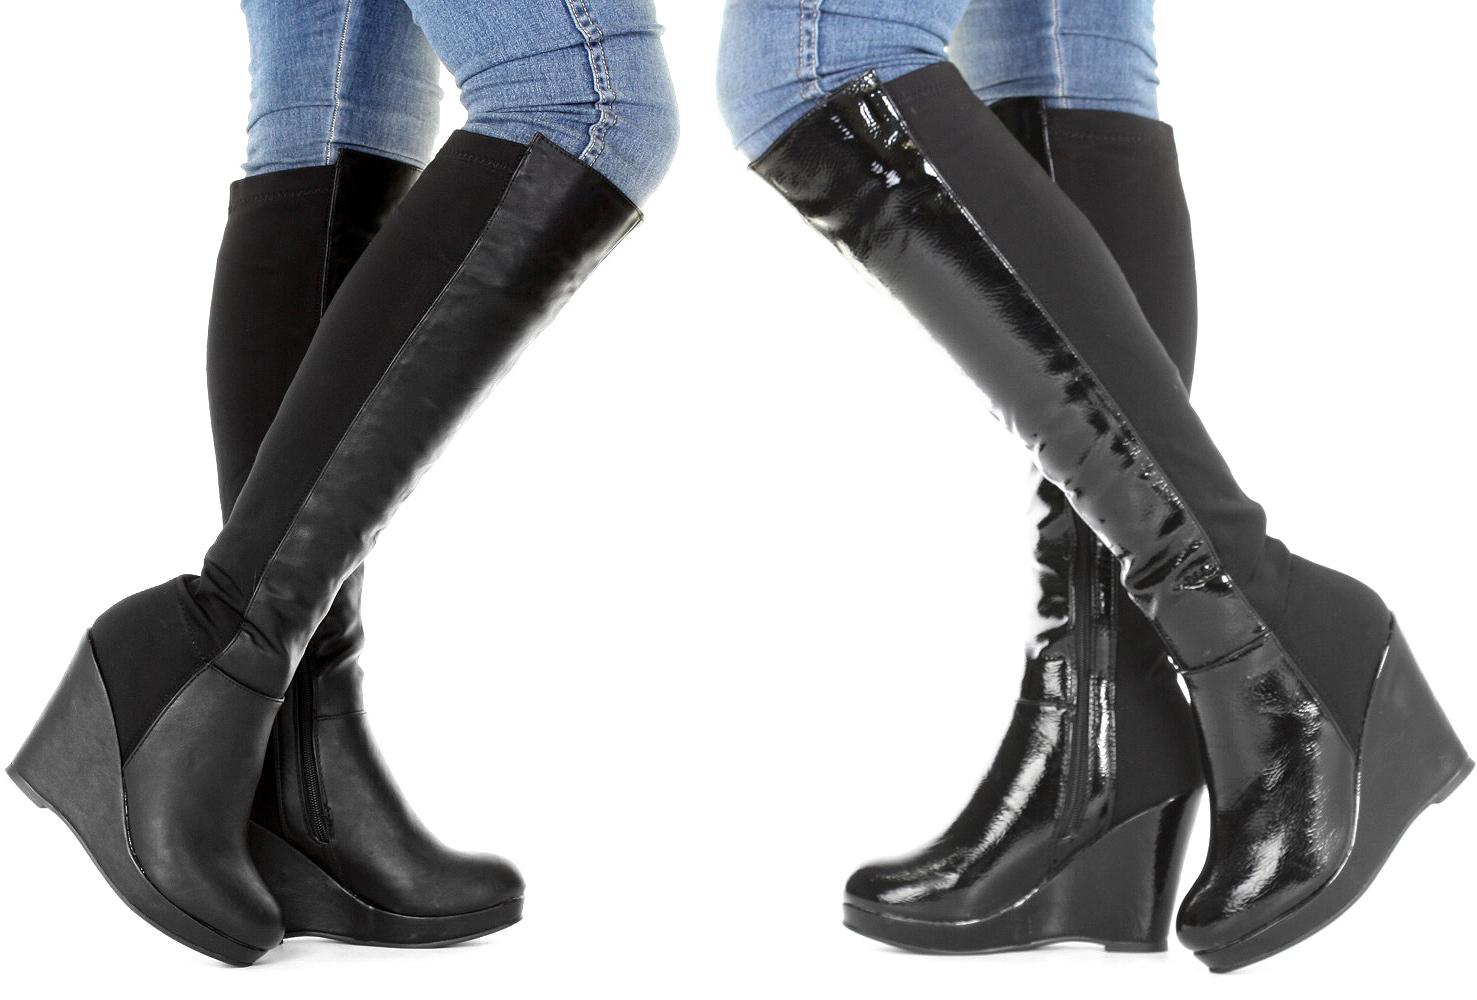 Schnür stiefel Damen Kniehoch Lang Keilabsatz Winter Stiefel